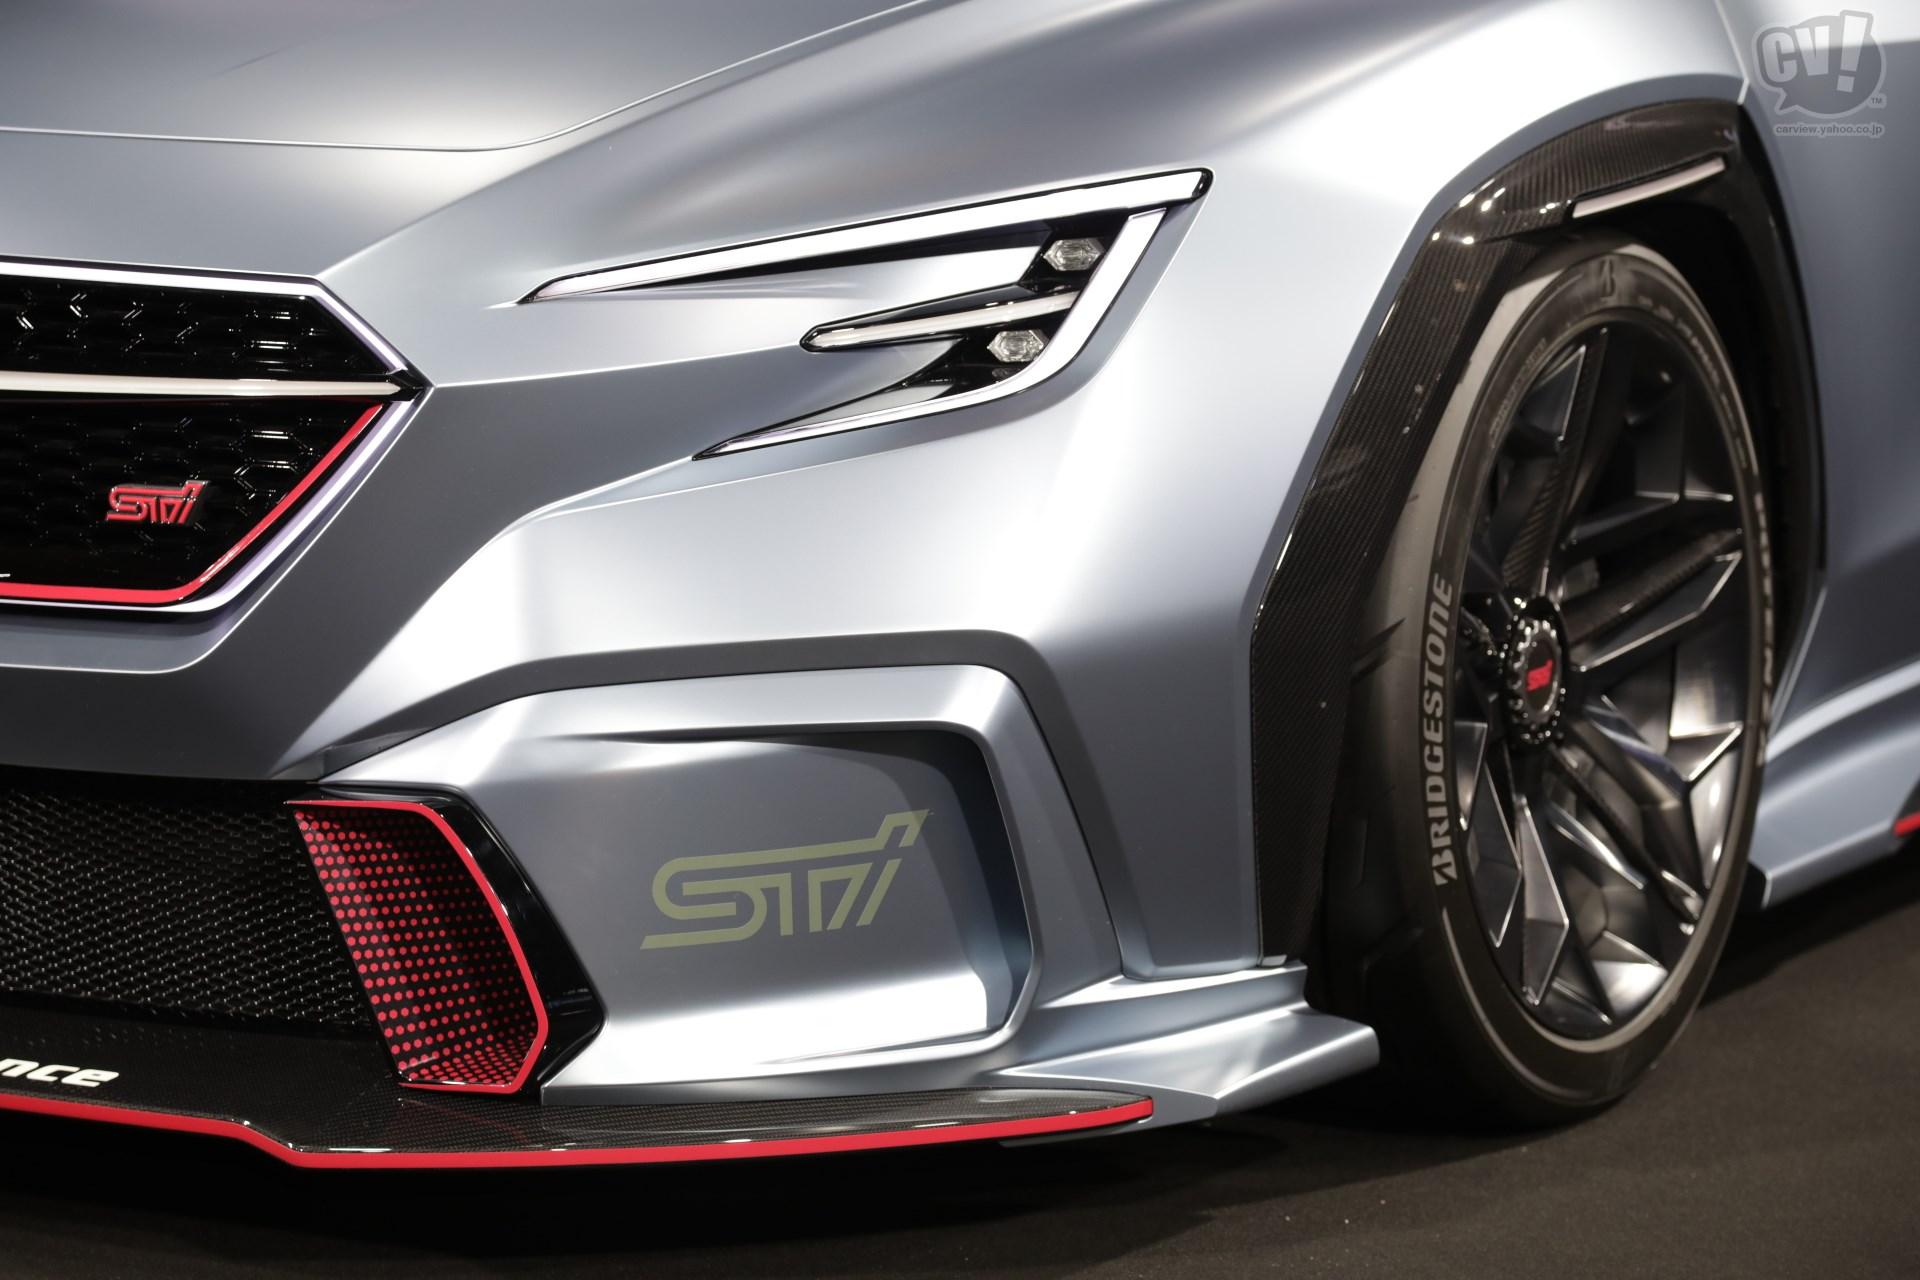 スバル/STI スバル ヴィジヴ  パフォーマンス STI コンセプト